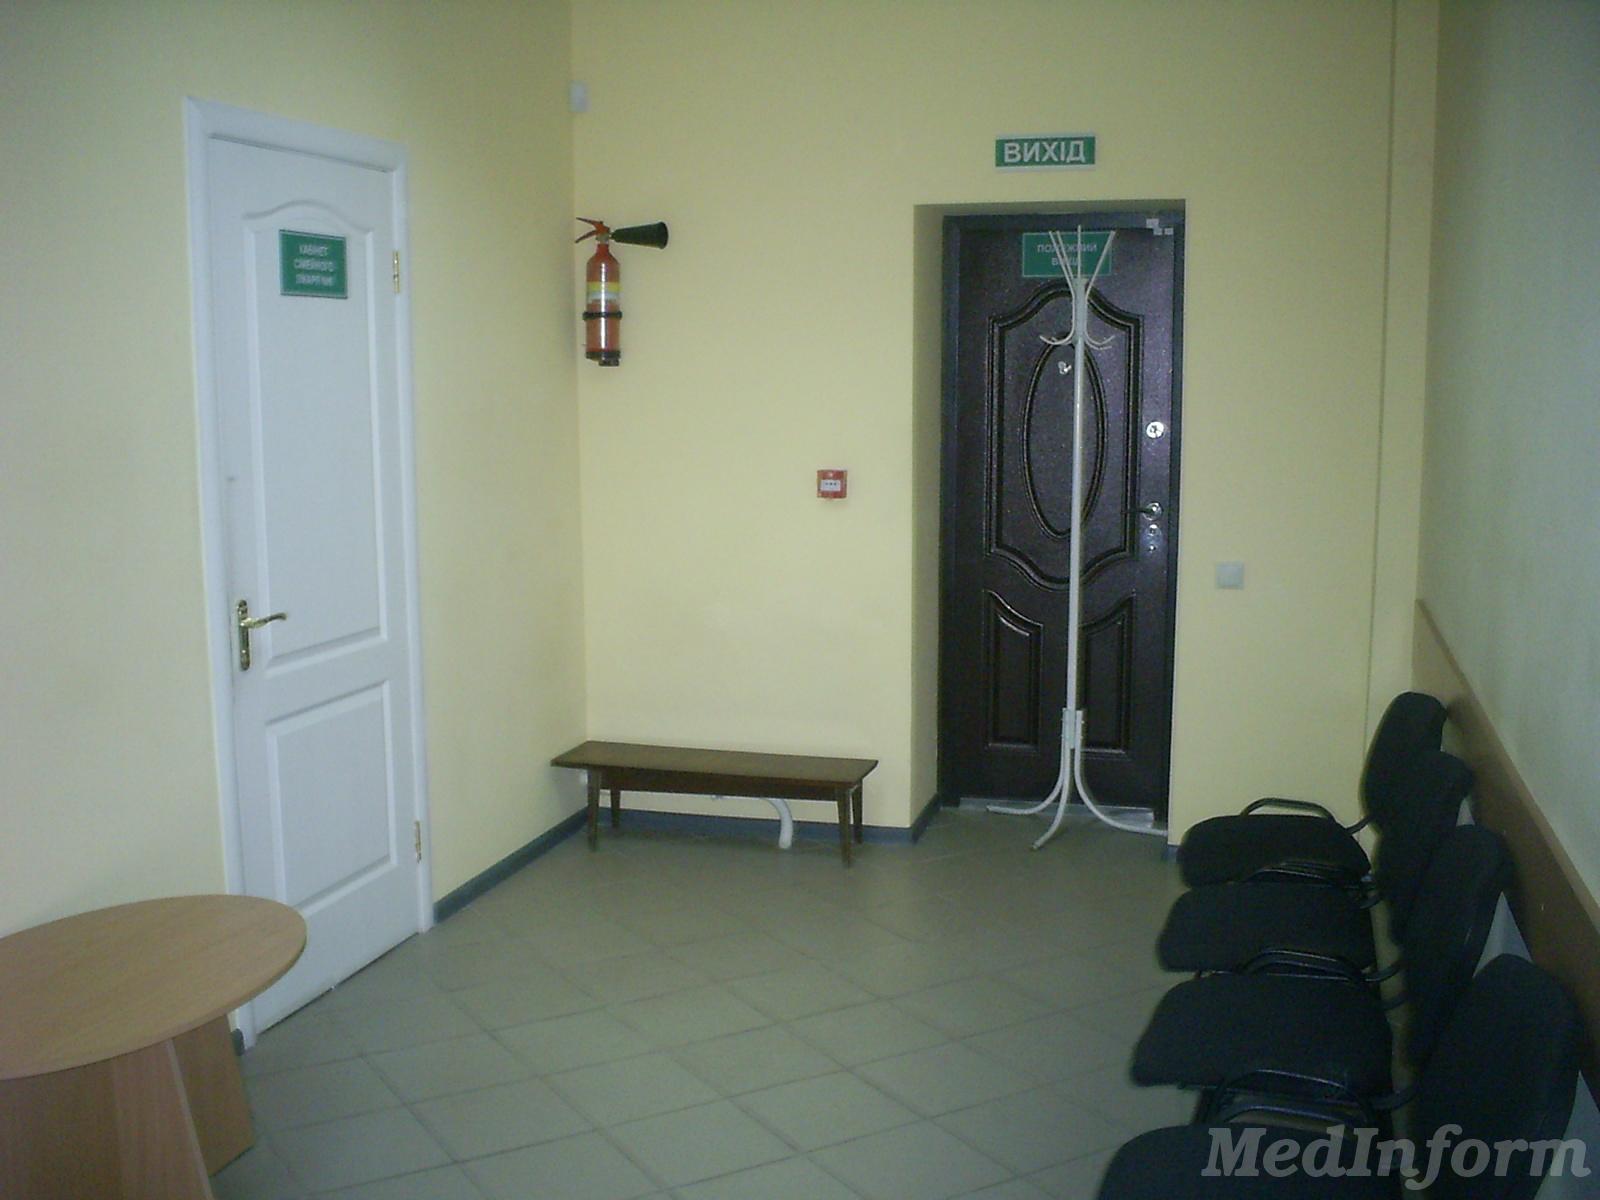 Стоматологическая поликлиника на васильевском острове отзывы